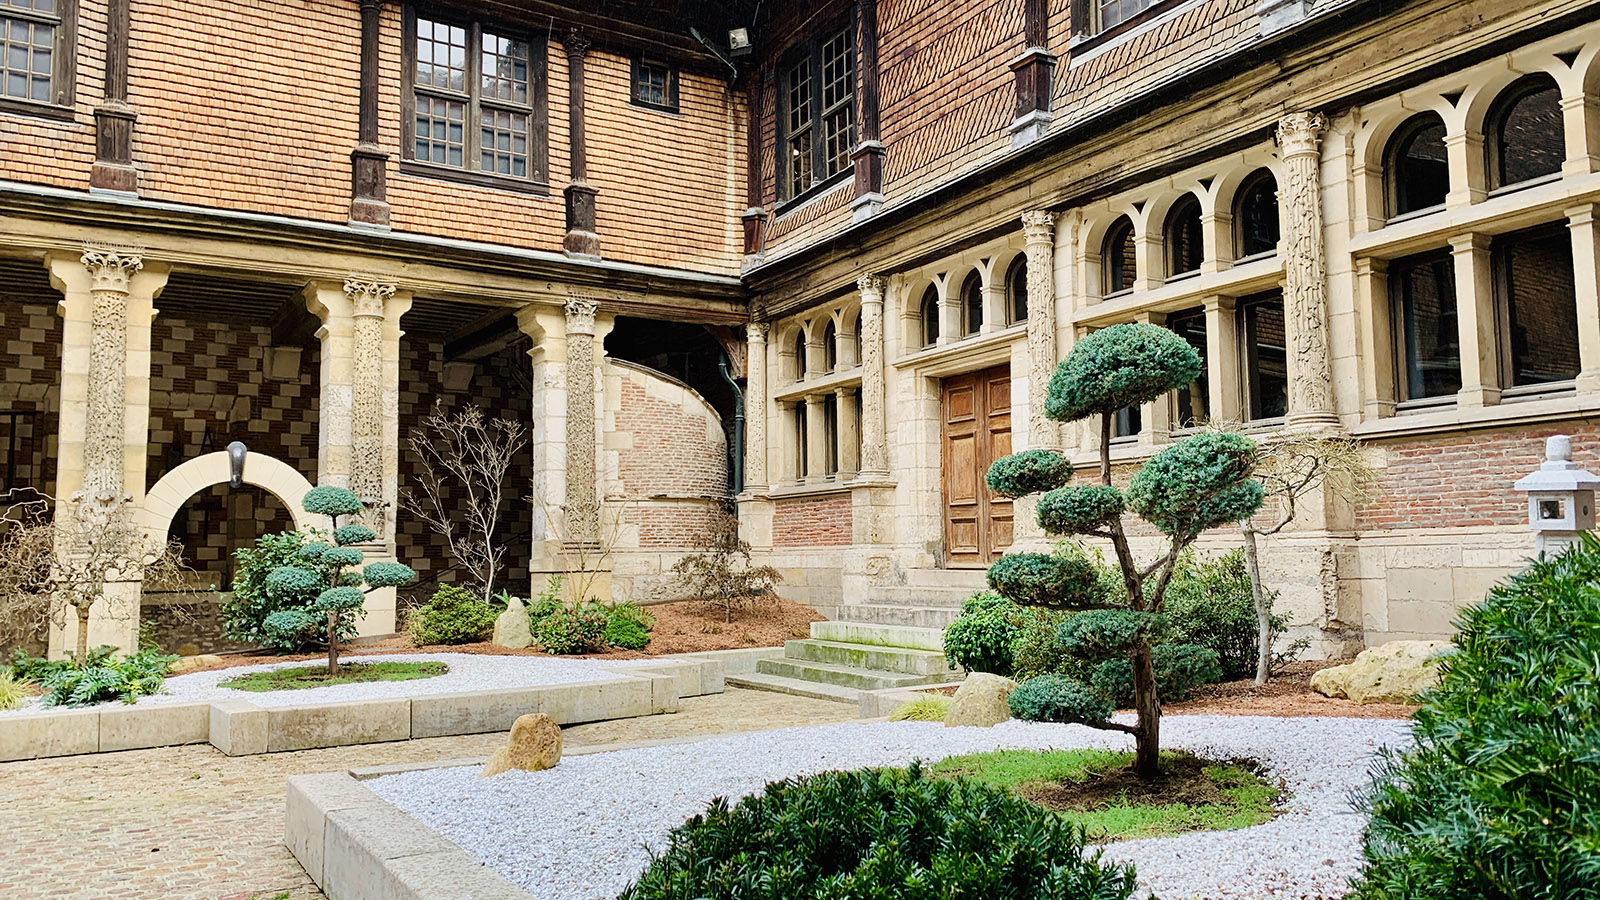 Troyes: Als Zen-Garten gestaltet: der Innenhof der Maison de l'Outil. Foto: Hilke Maunder